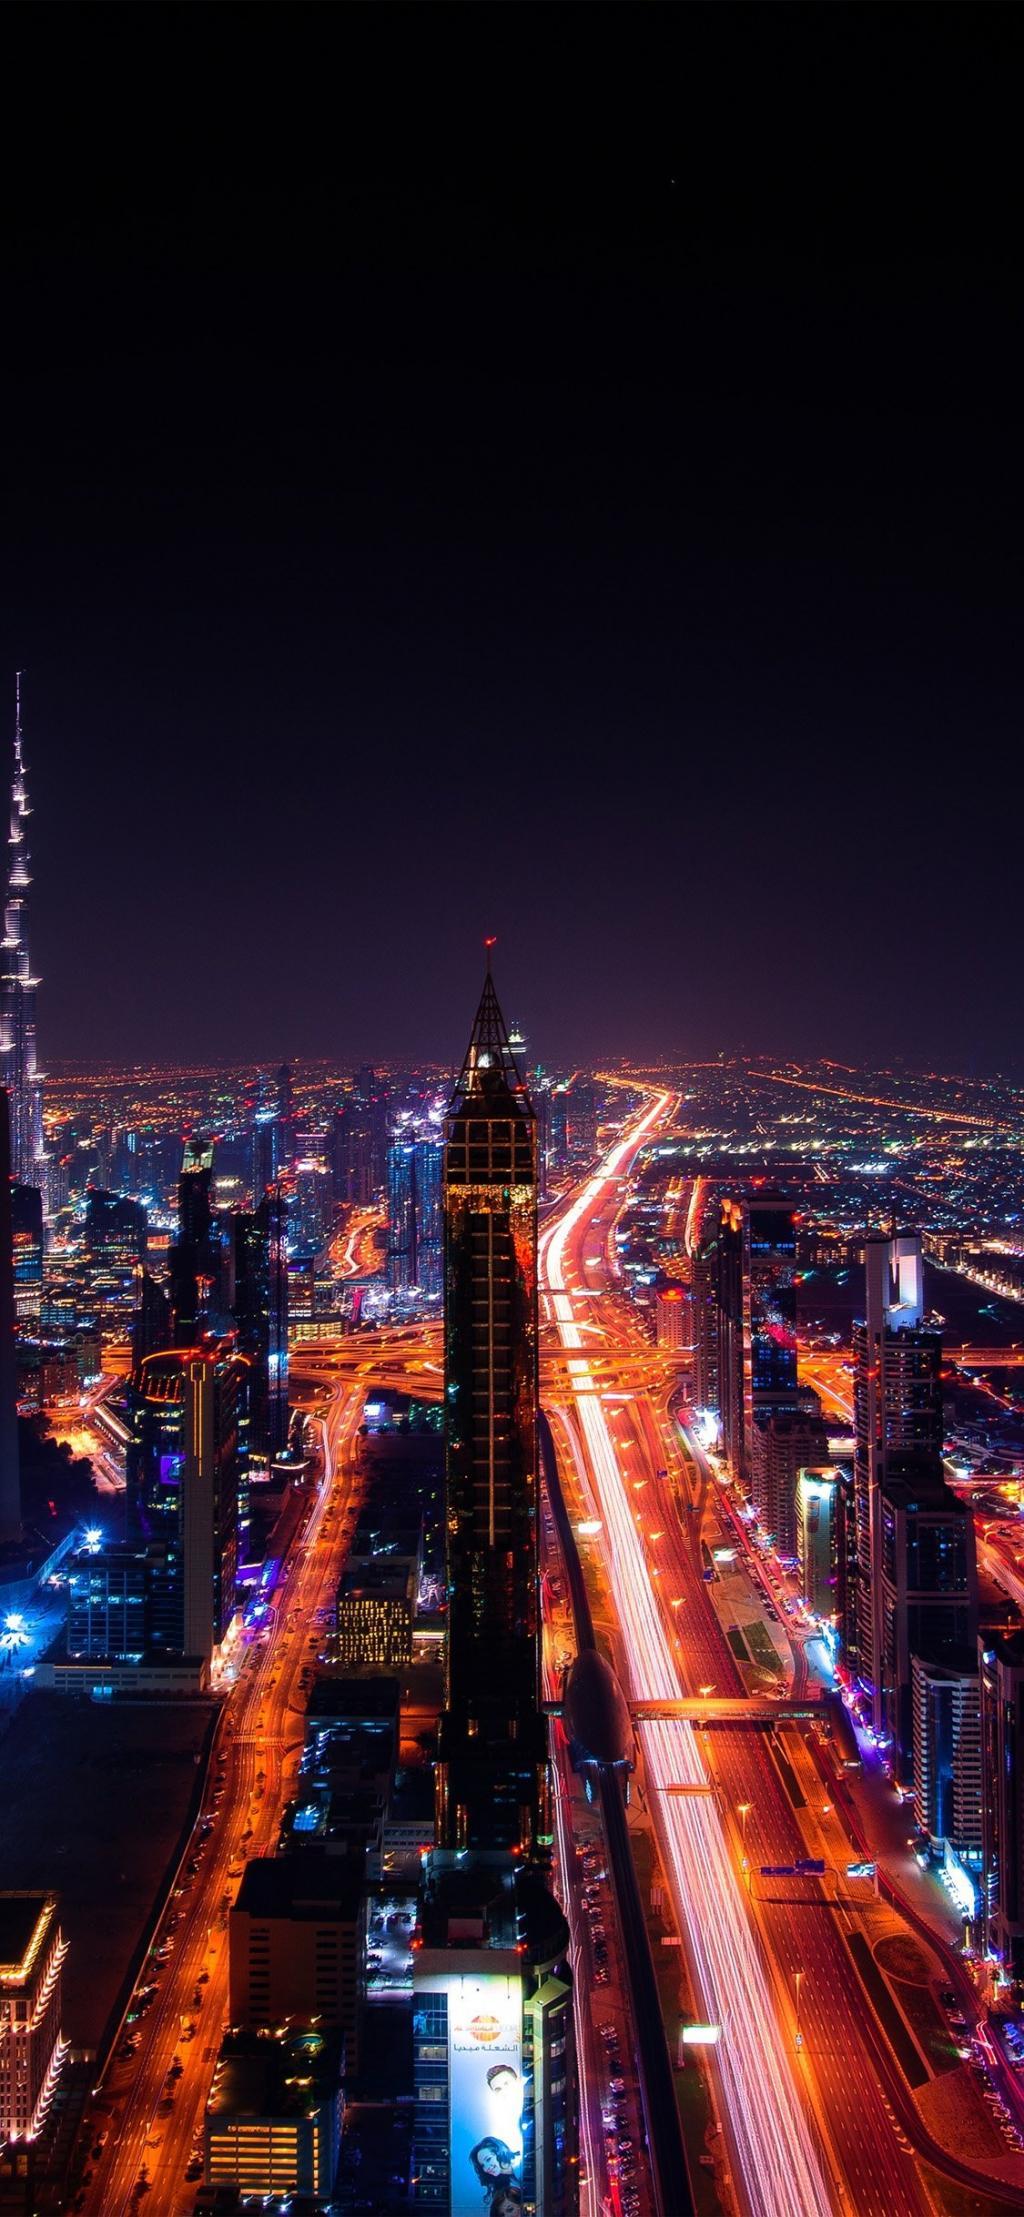 城市唯美夜景iphone X壁纸 锁屏图片 高清手机壁纸 风景 好运图库 风景